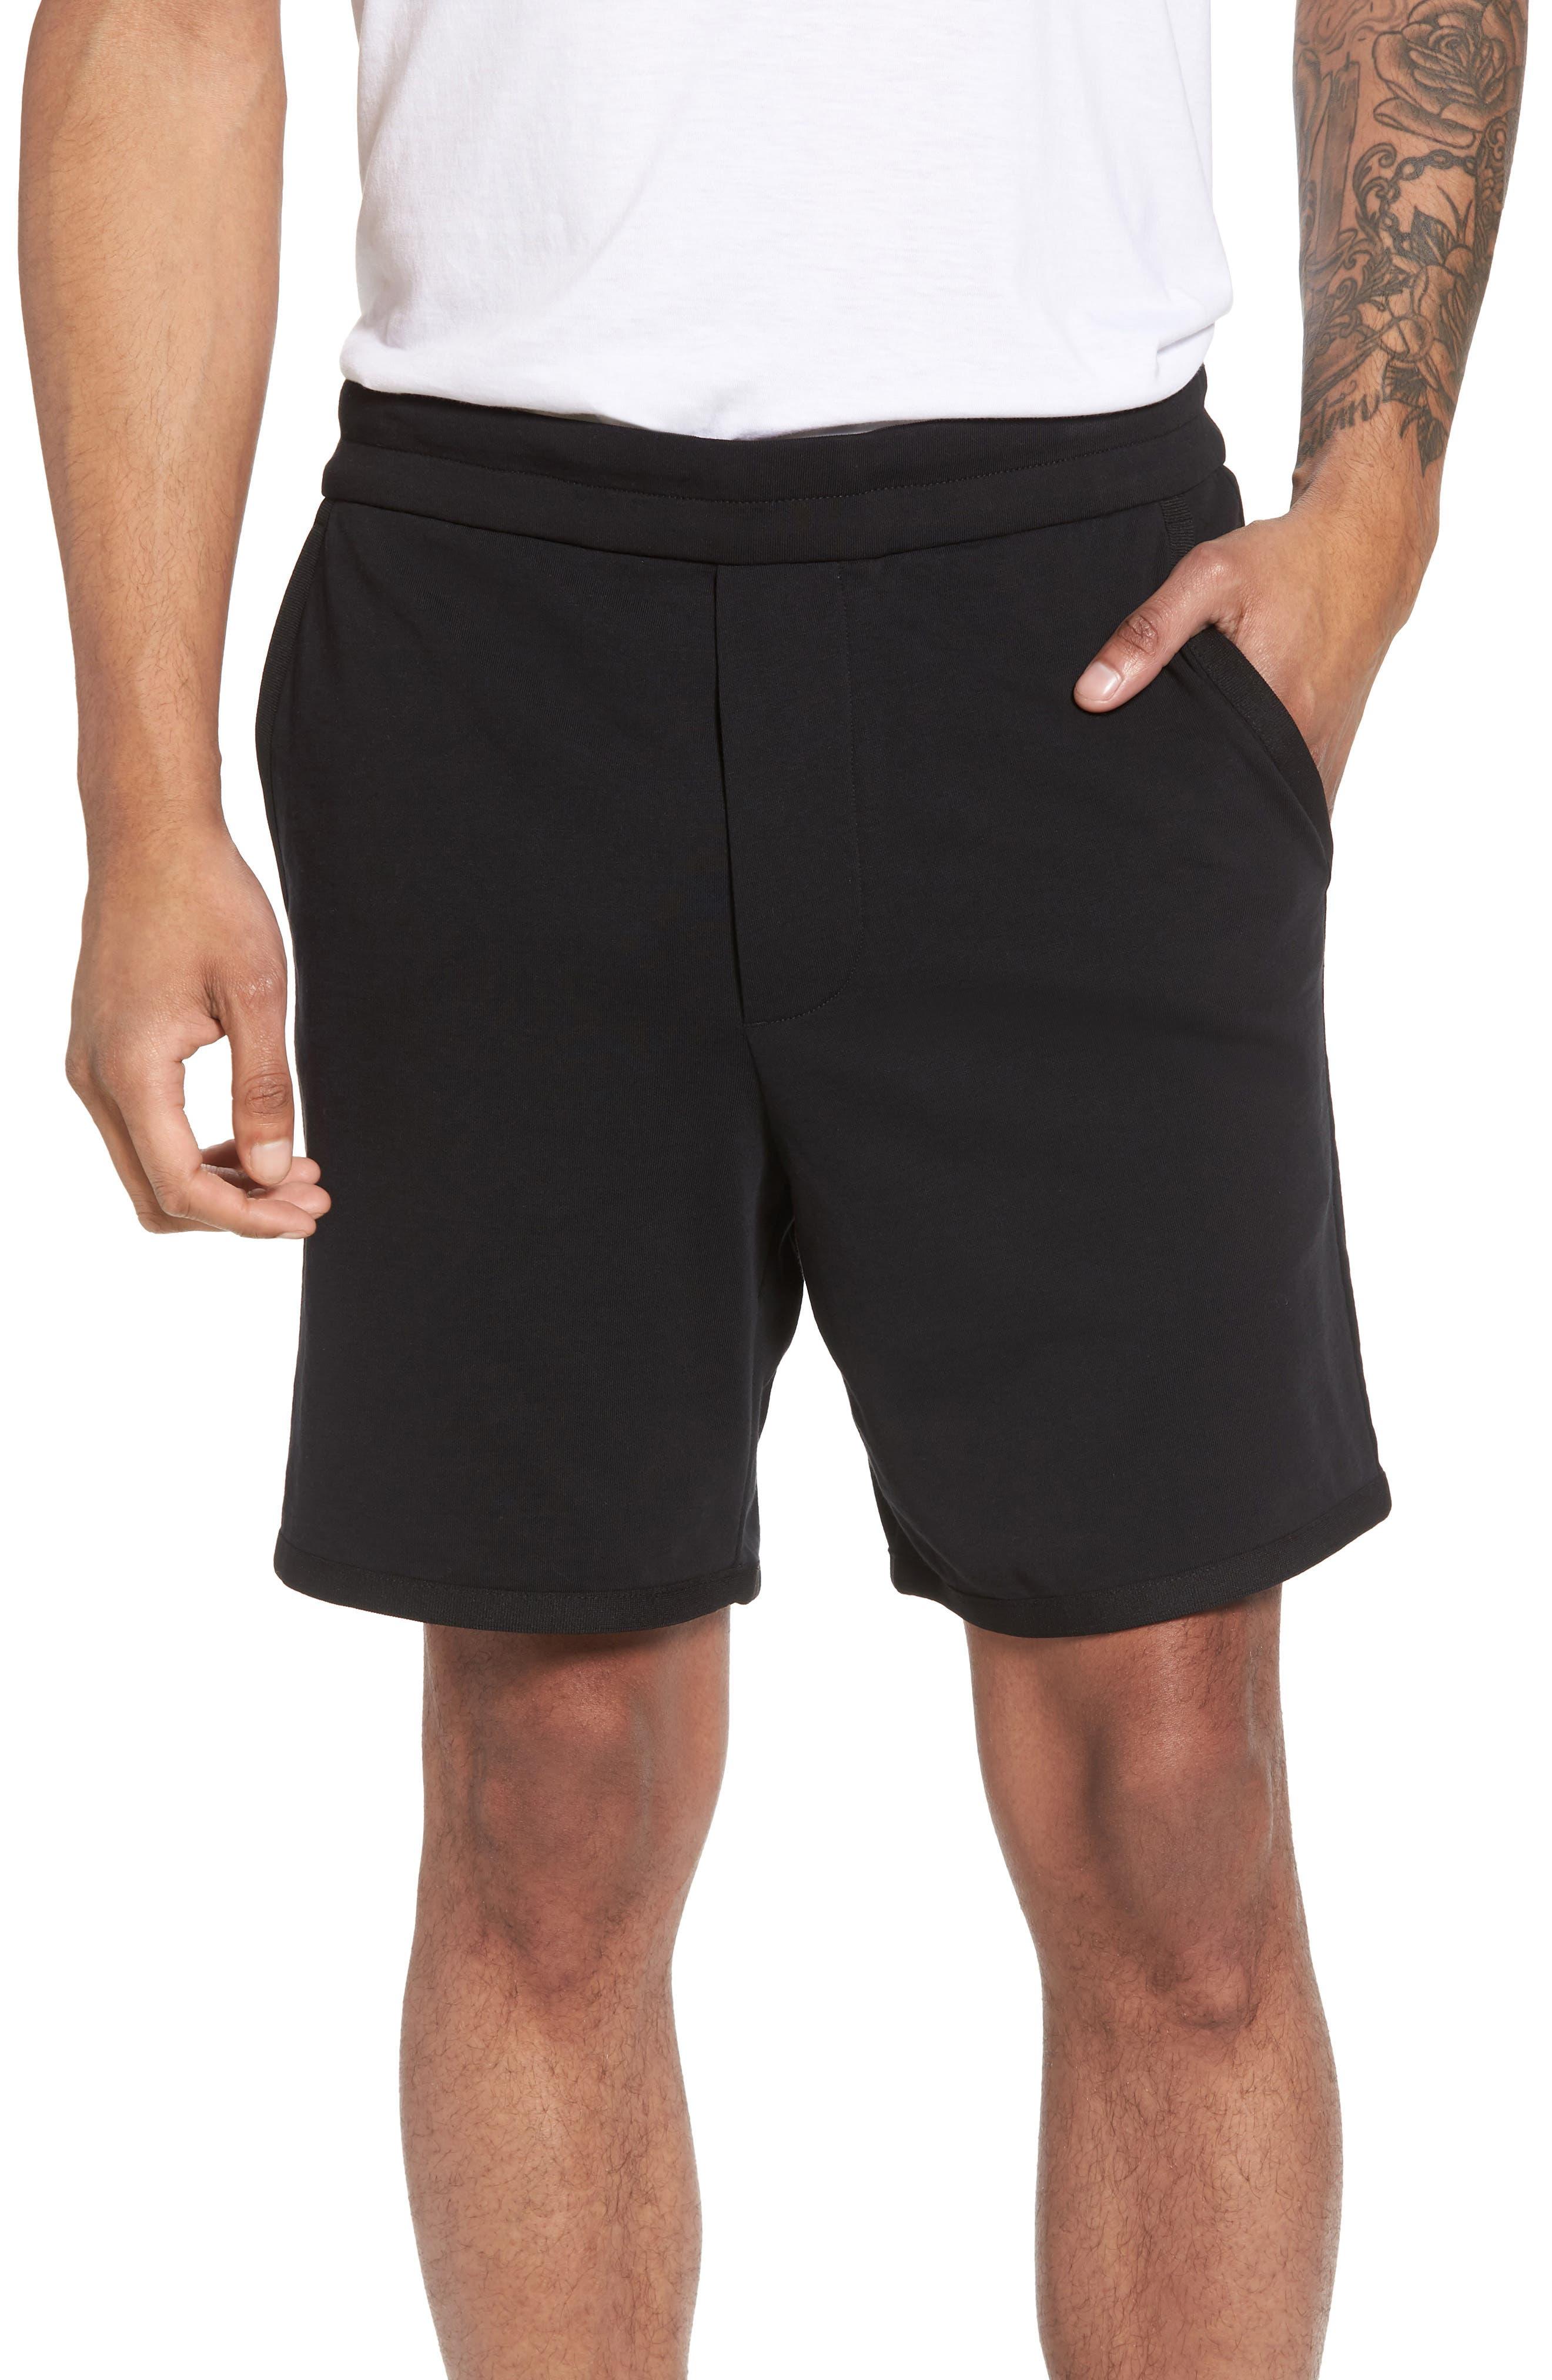 Taped Slim Fit Track Shorts,                             Main thumbnail 1, color,                             Black/ Black